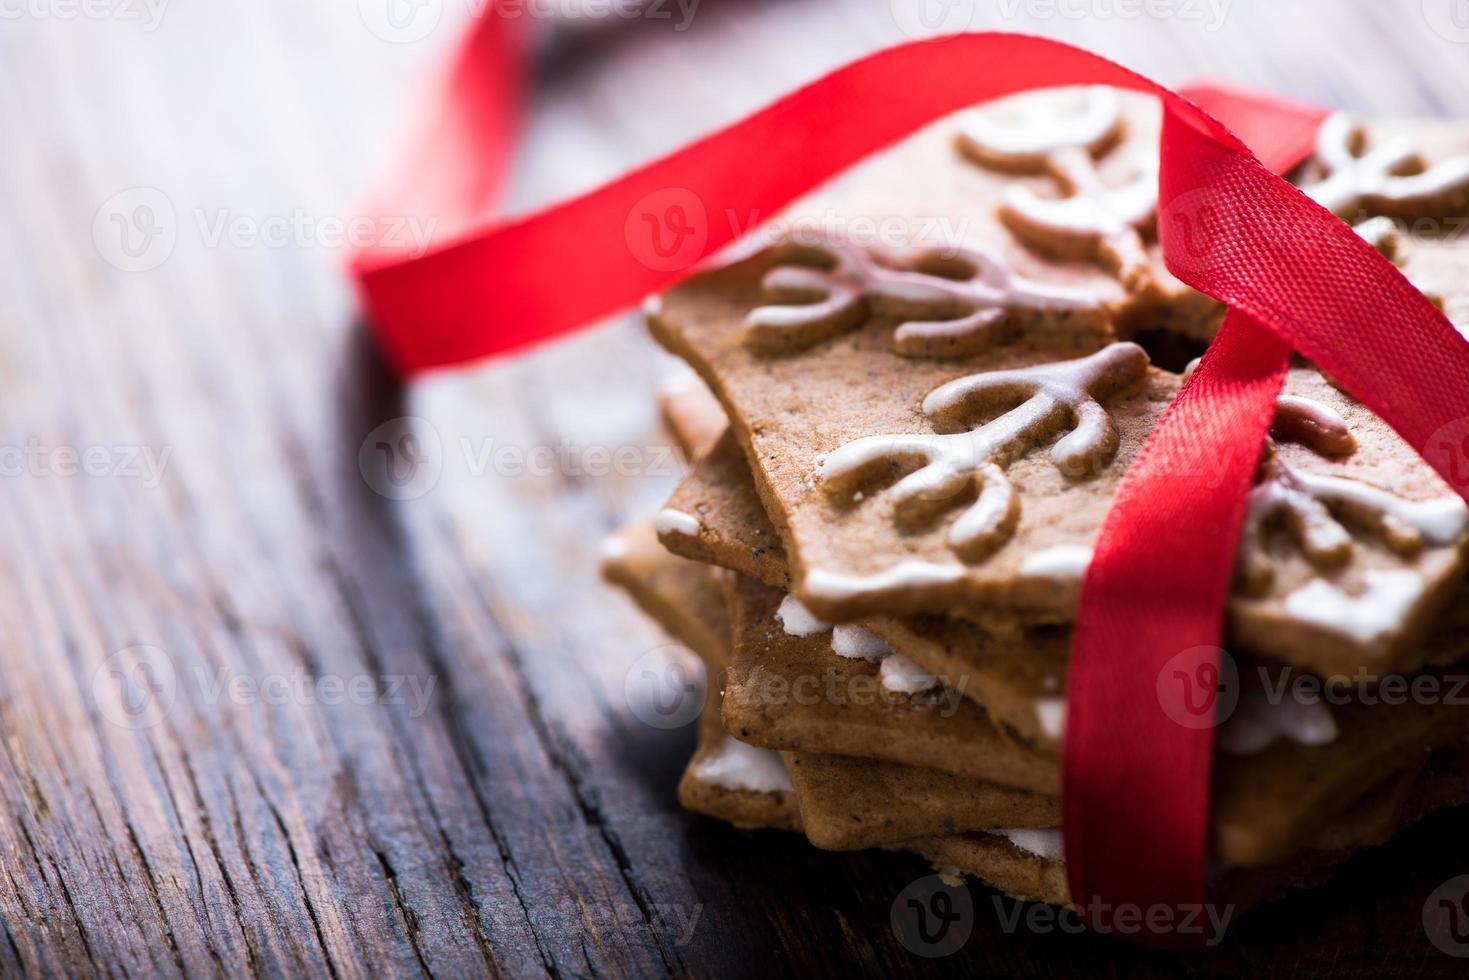 biscoitos de gengibre com fita vermelha em fundo de madeira foto